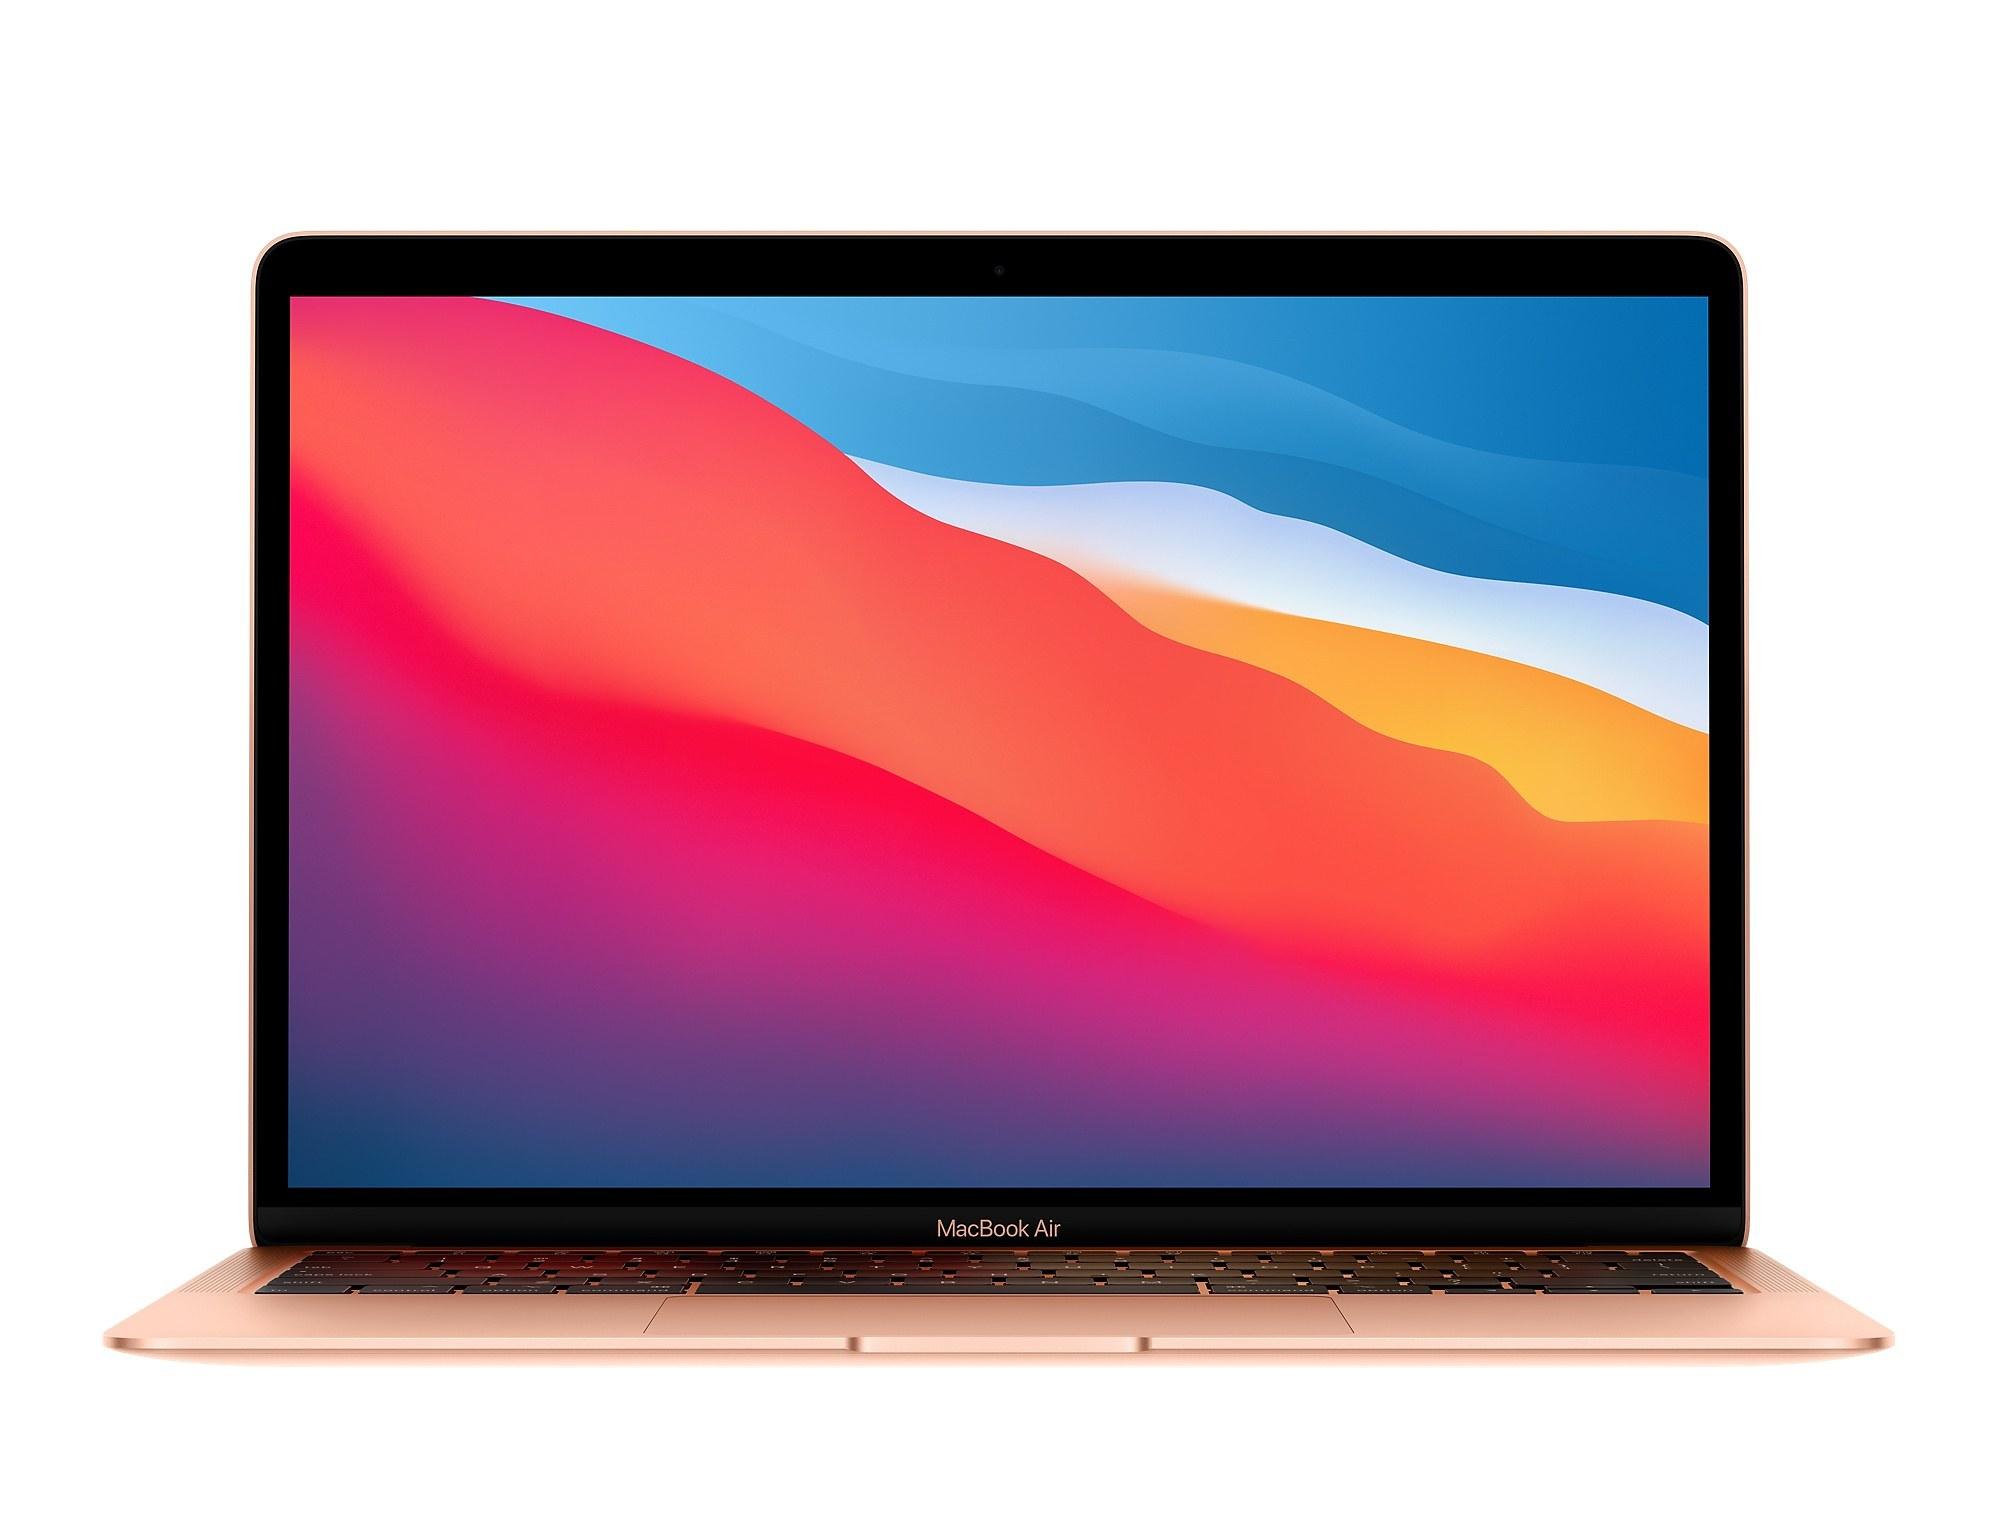 تصویر مک بوک ایر 8GB RAM | 512GB SSD | M1 | MGNE3 ا MacBook Air MGNE3 MacBook Air MGNE3